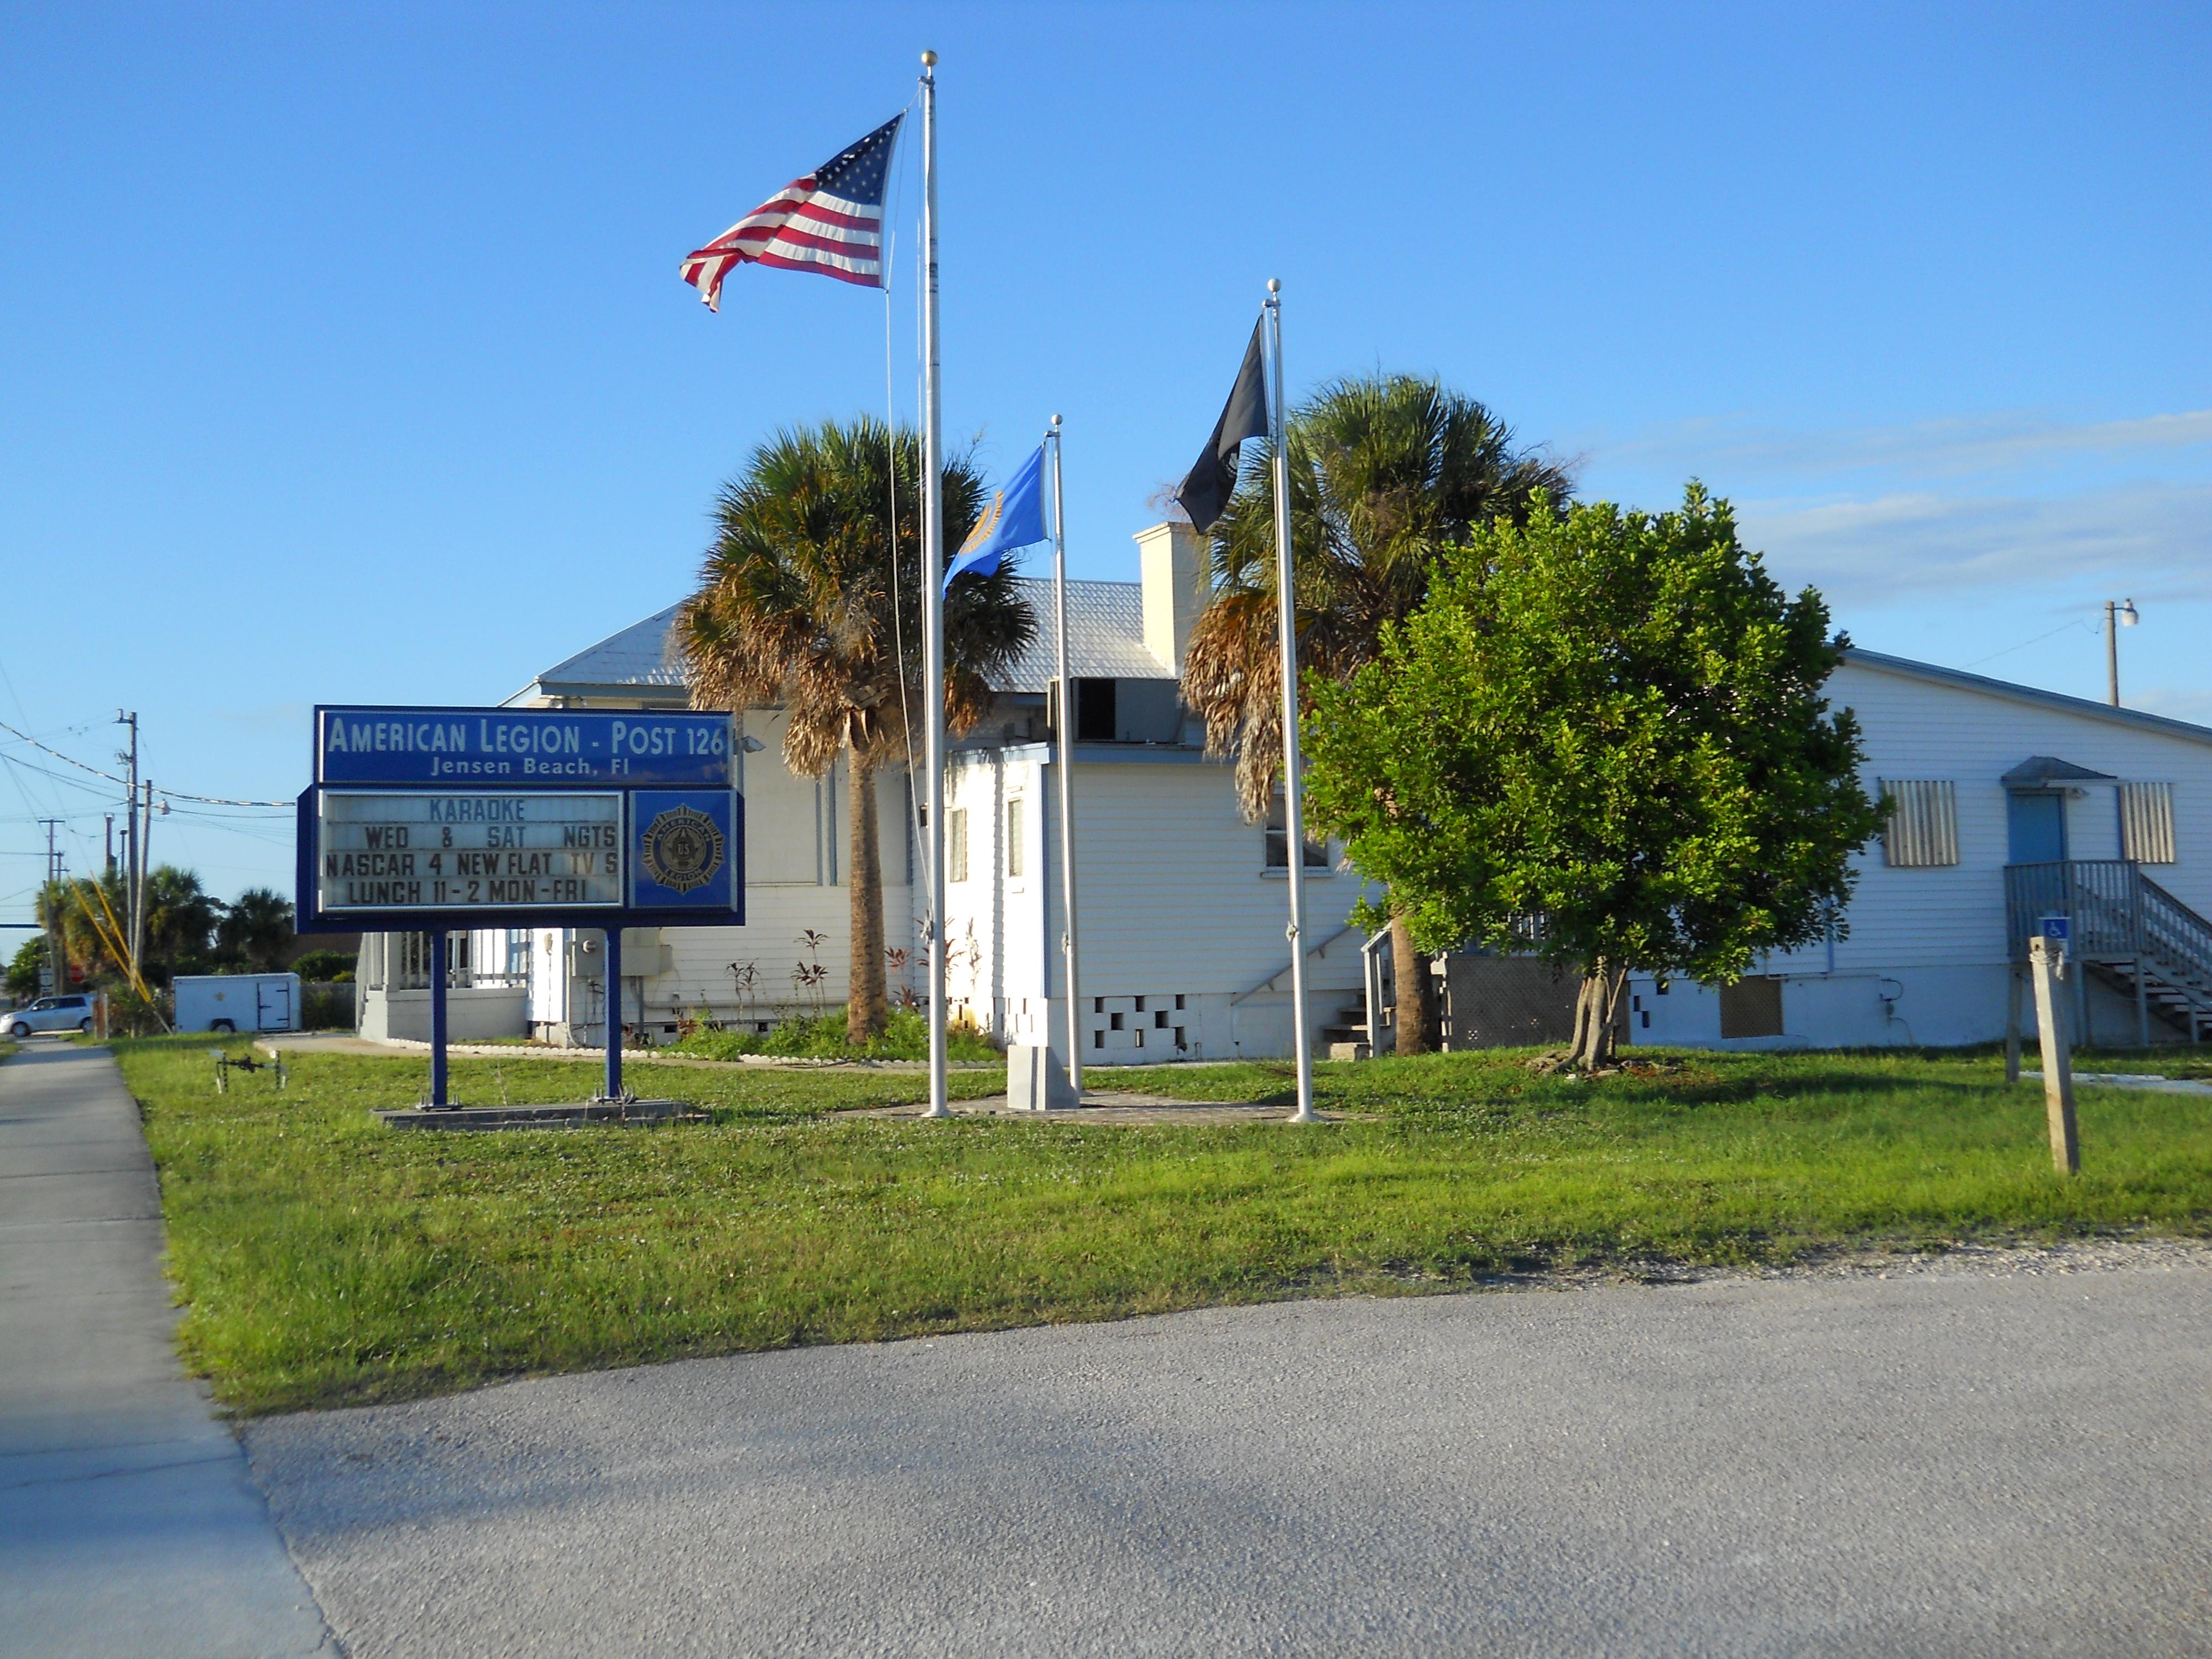 Jensen Beach Fl Condo Laws And Service Dogs